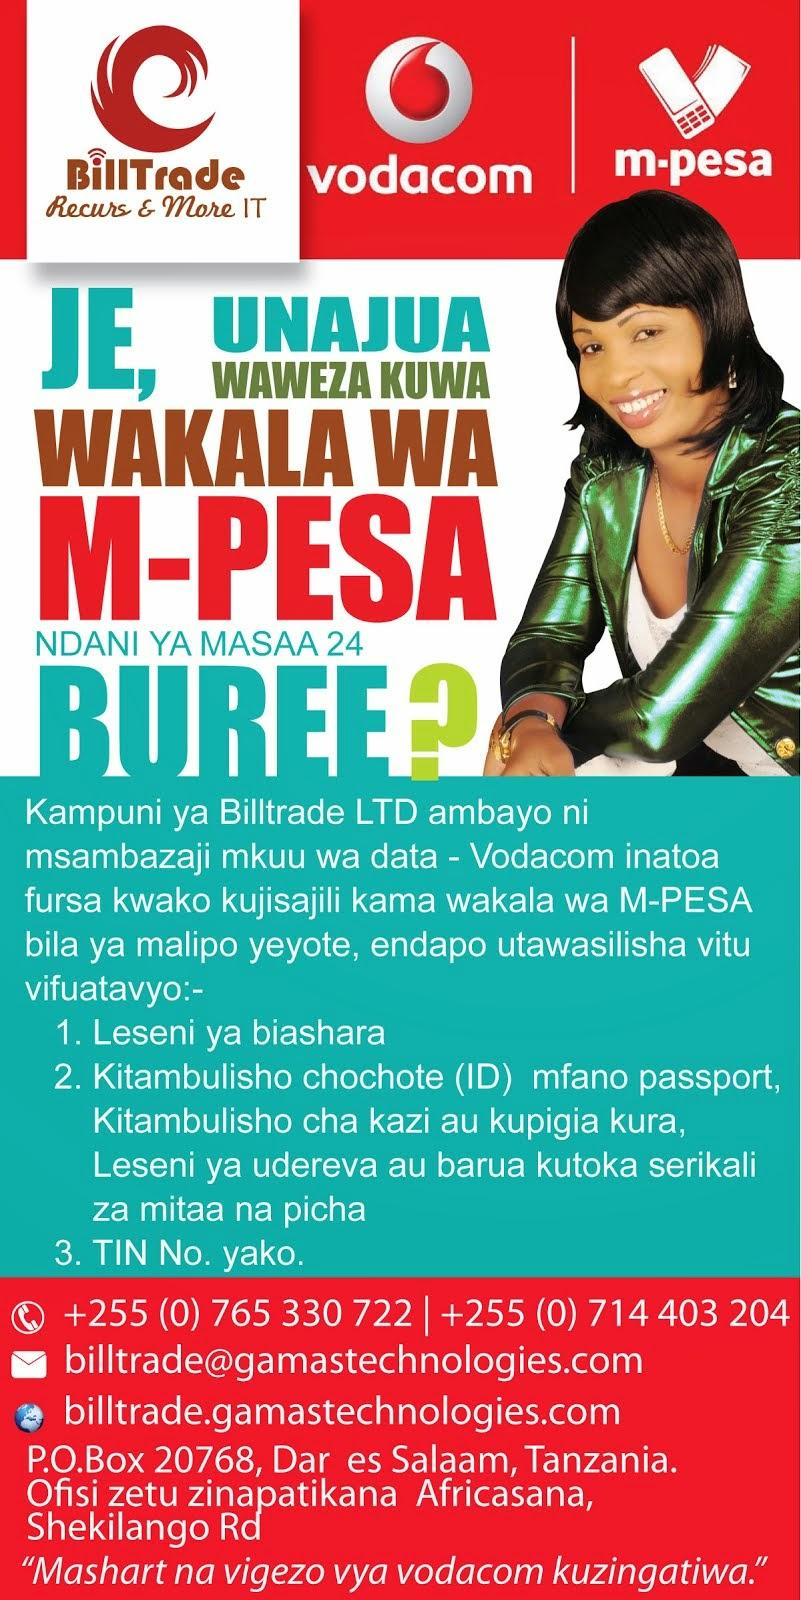 BILLTRADE KUWA WAKALA WA M-PESA BURE